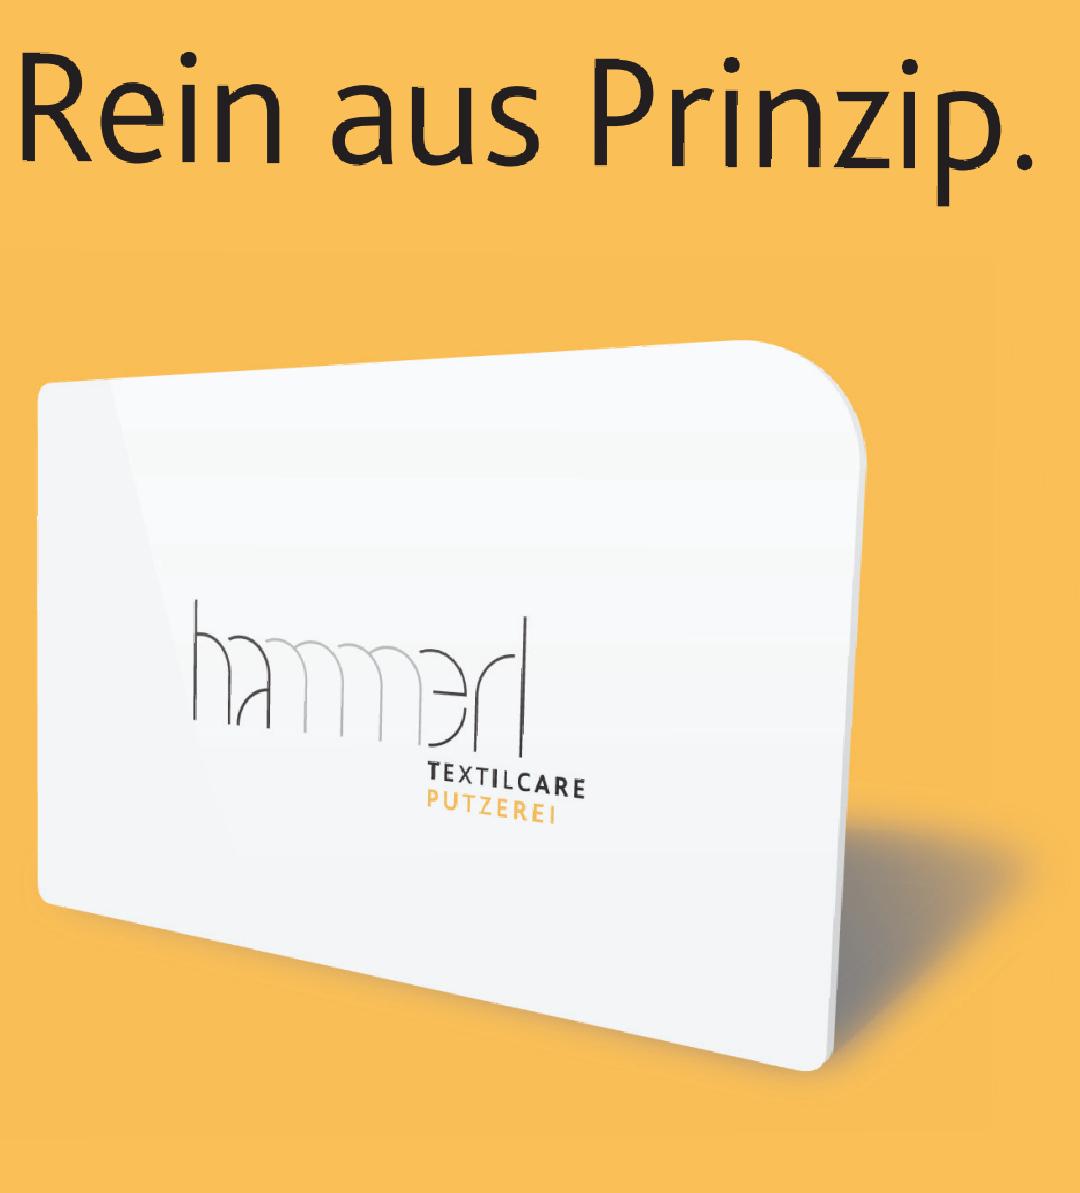 Putzerei Hammerl: 200,- aufladen > 50,- Guthaben geschenkt